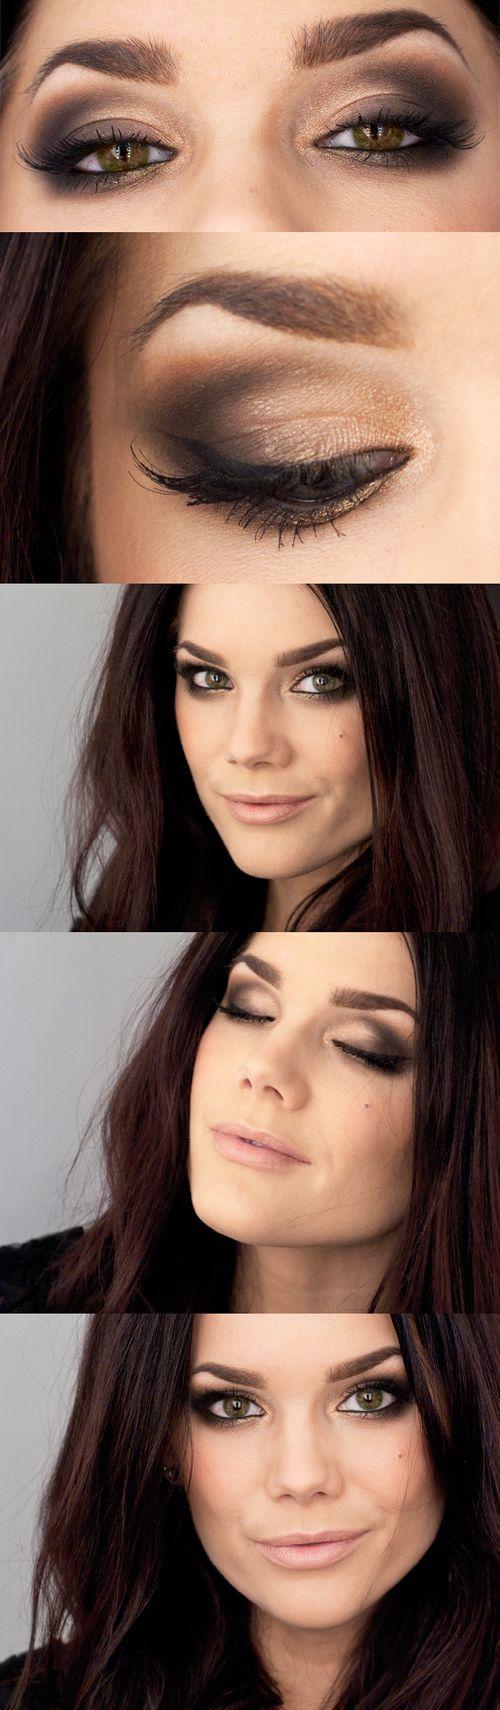 Gorgeous Smoky Eye Makeup Idea to Try